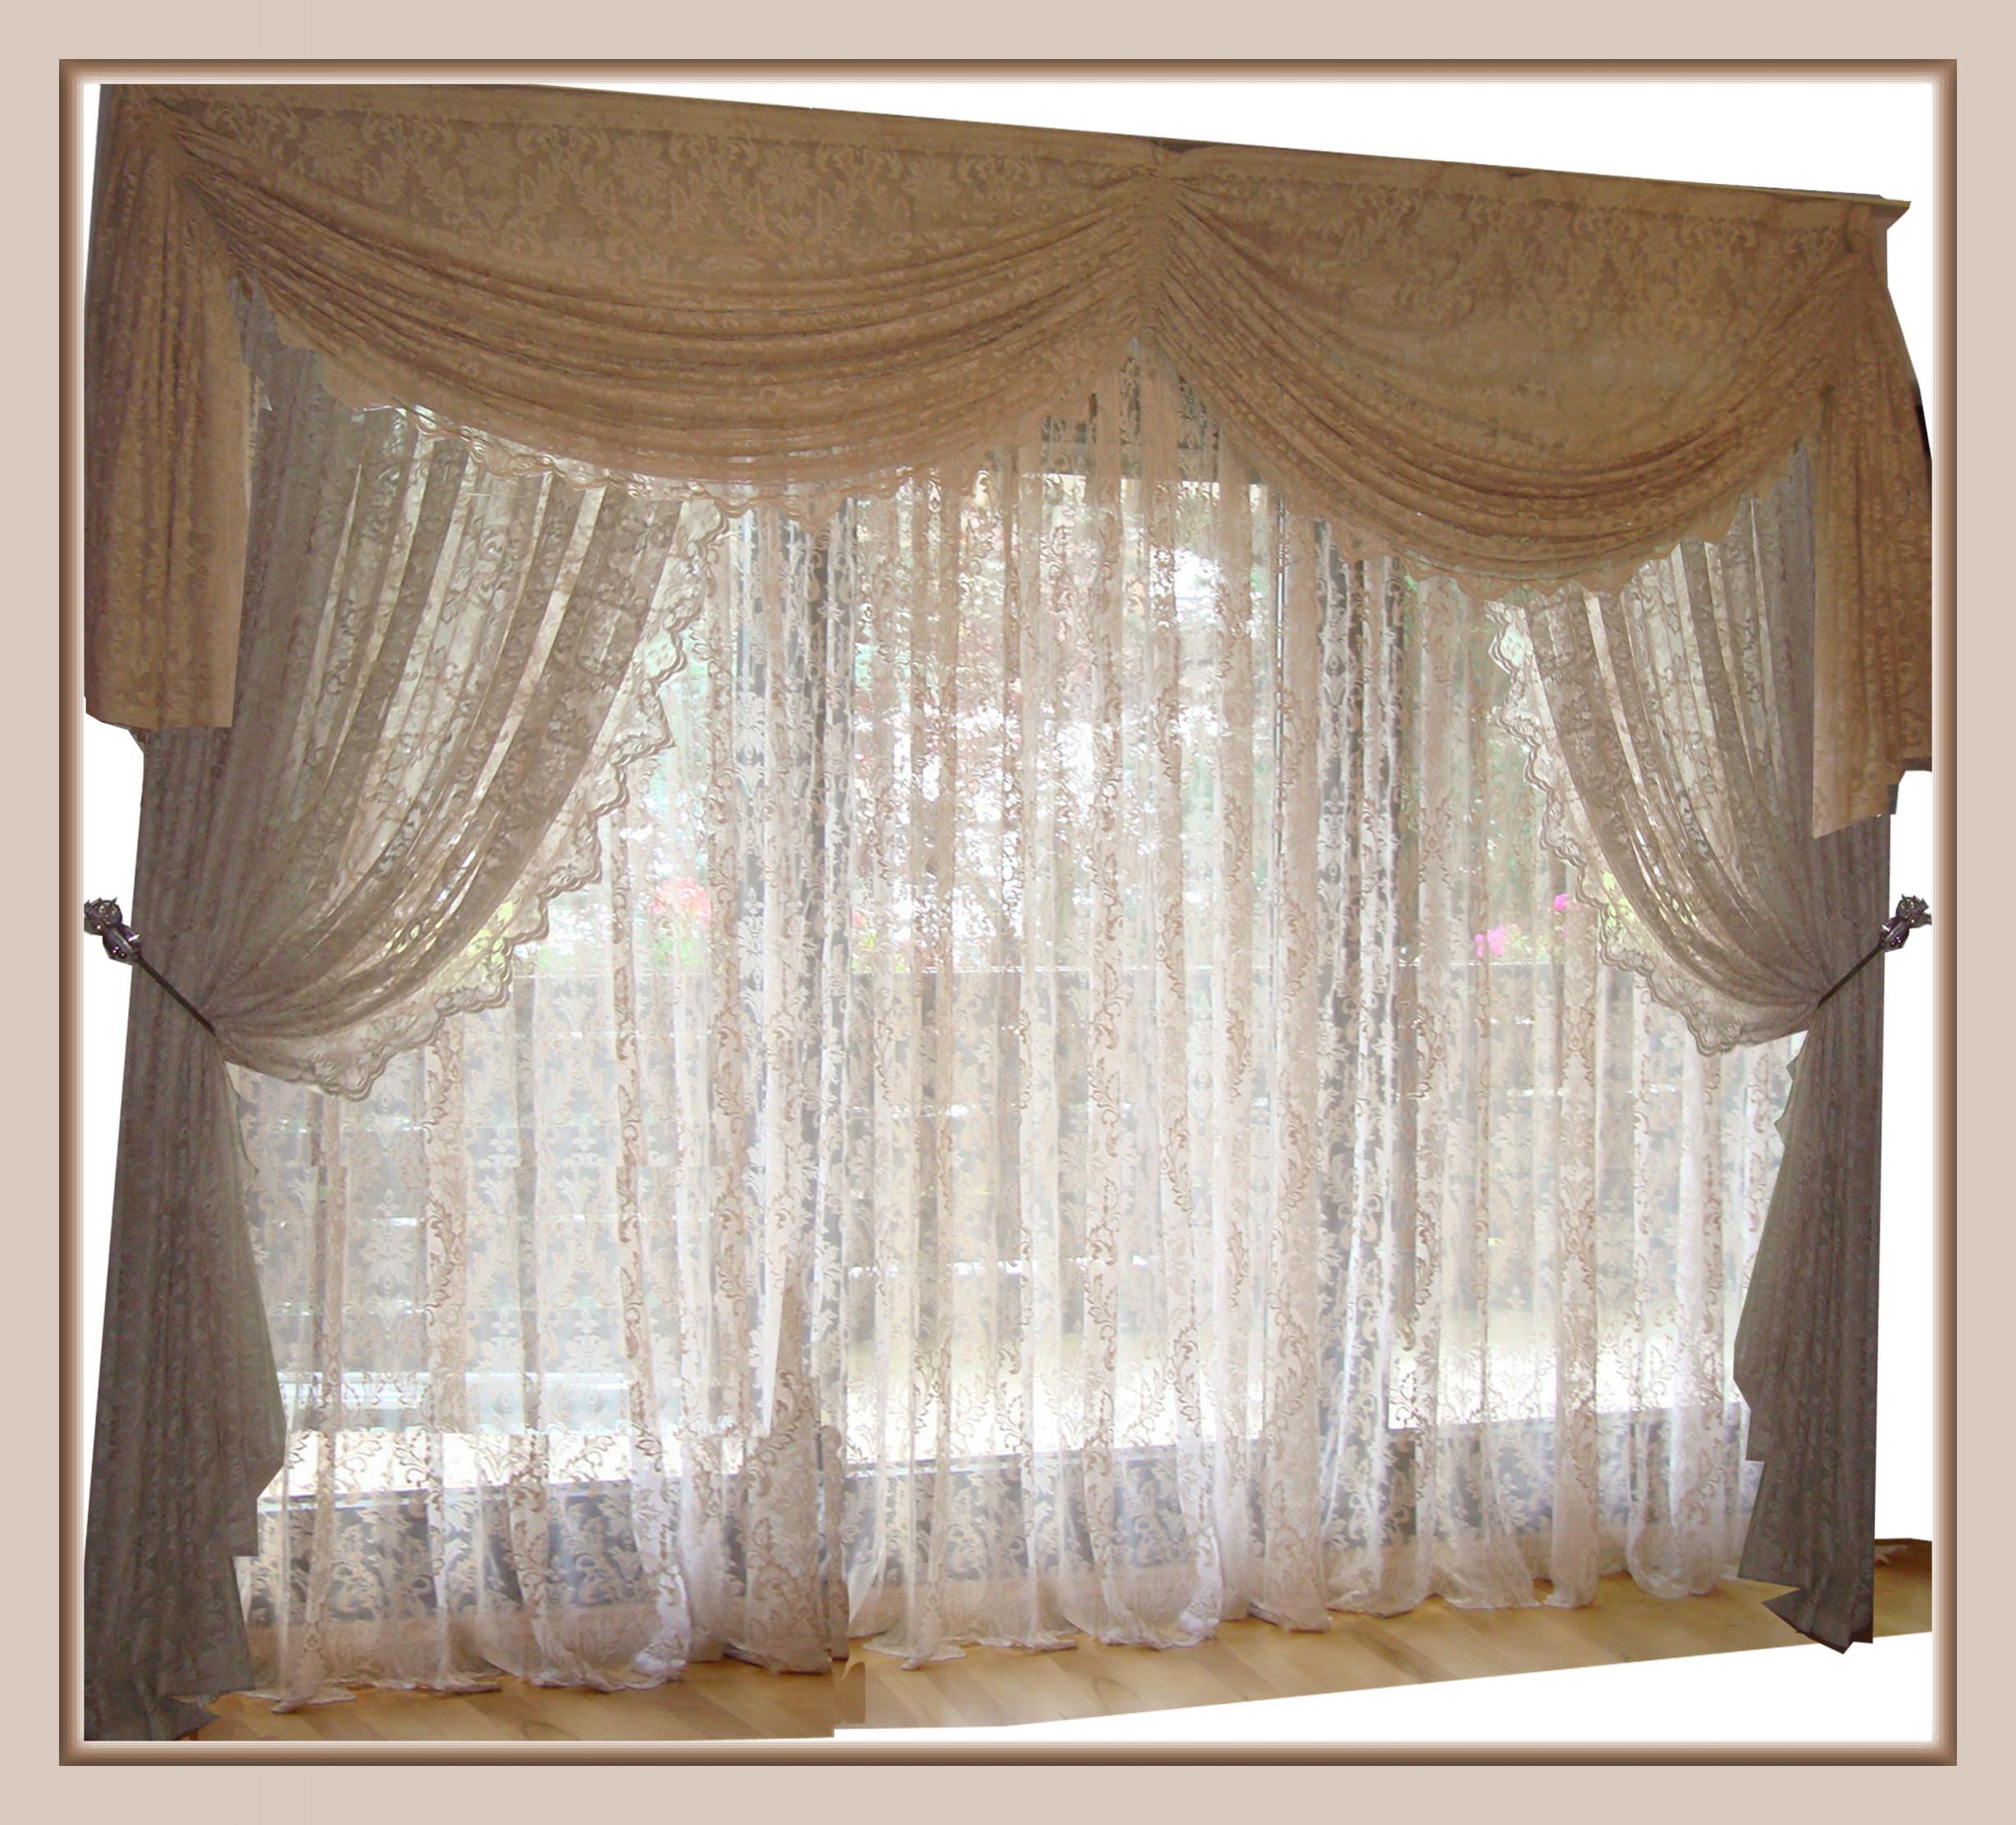 Romantische Gardinen Wohnzimmer – Caseconrad von Romantische Gardinen Wohnzimmer Bild